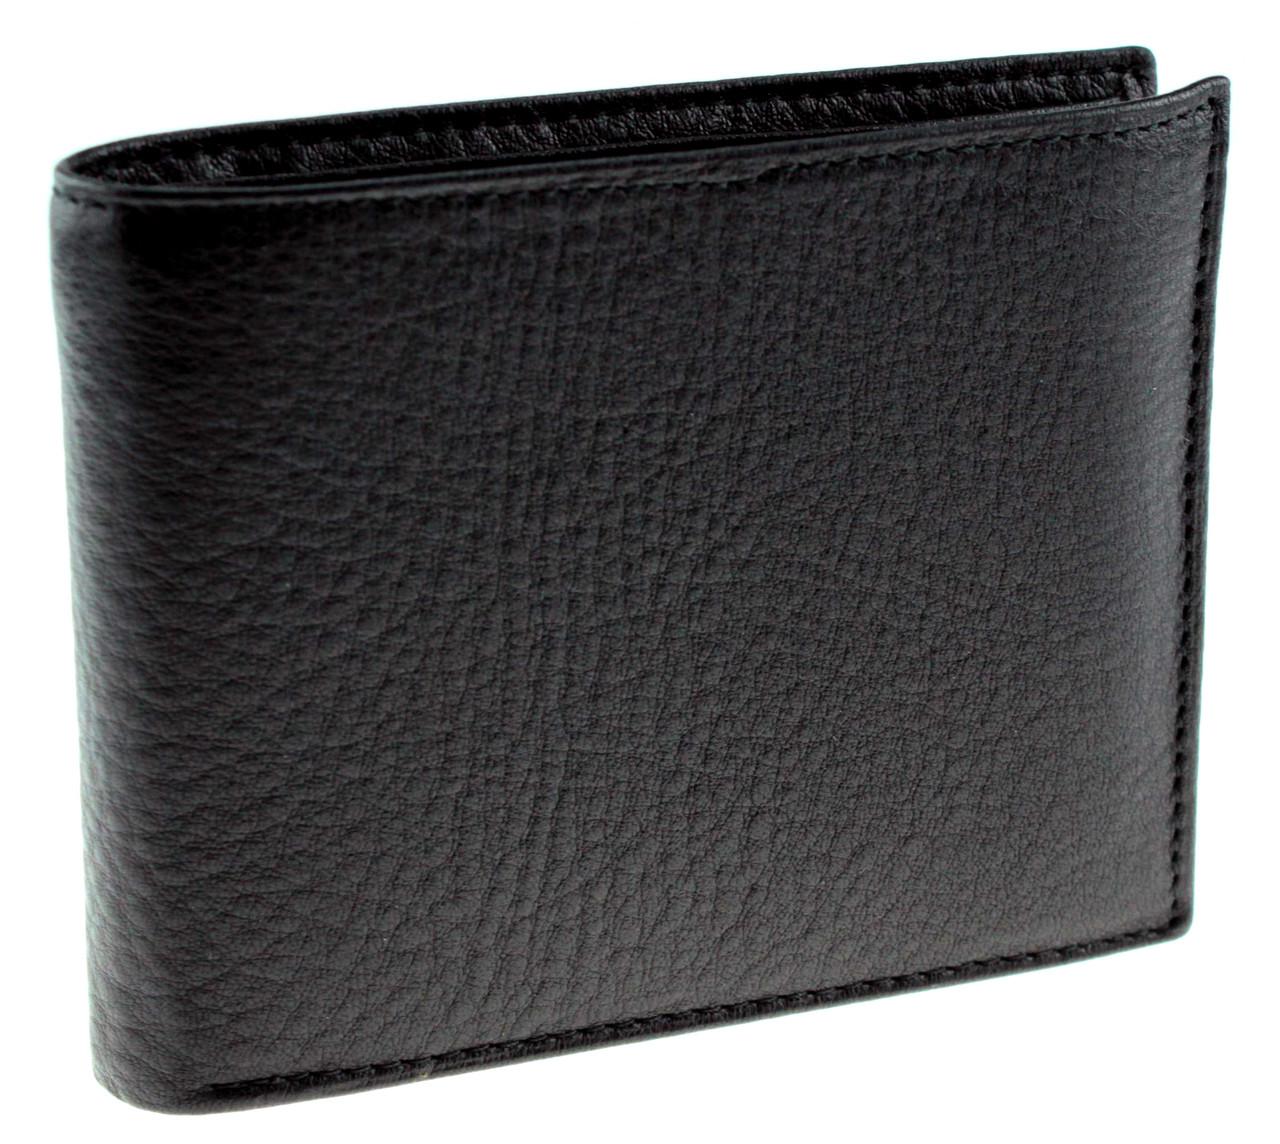 Мужское портмоне кожаное черное Eminsa 1014-12-1